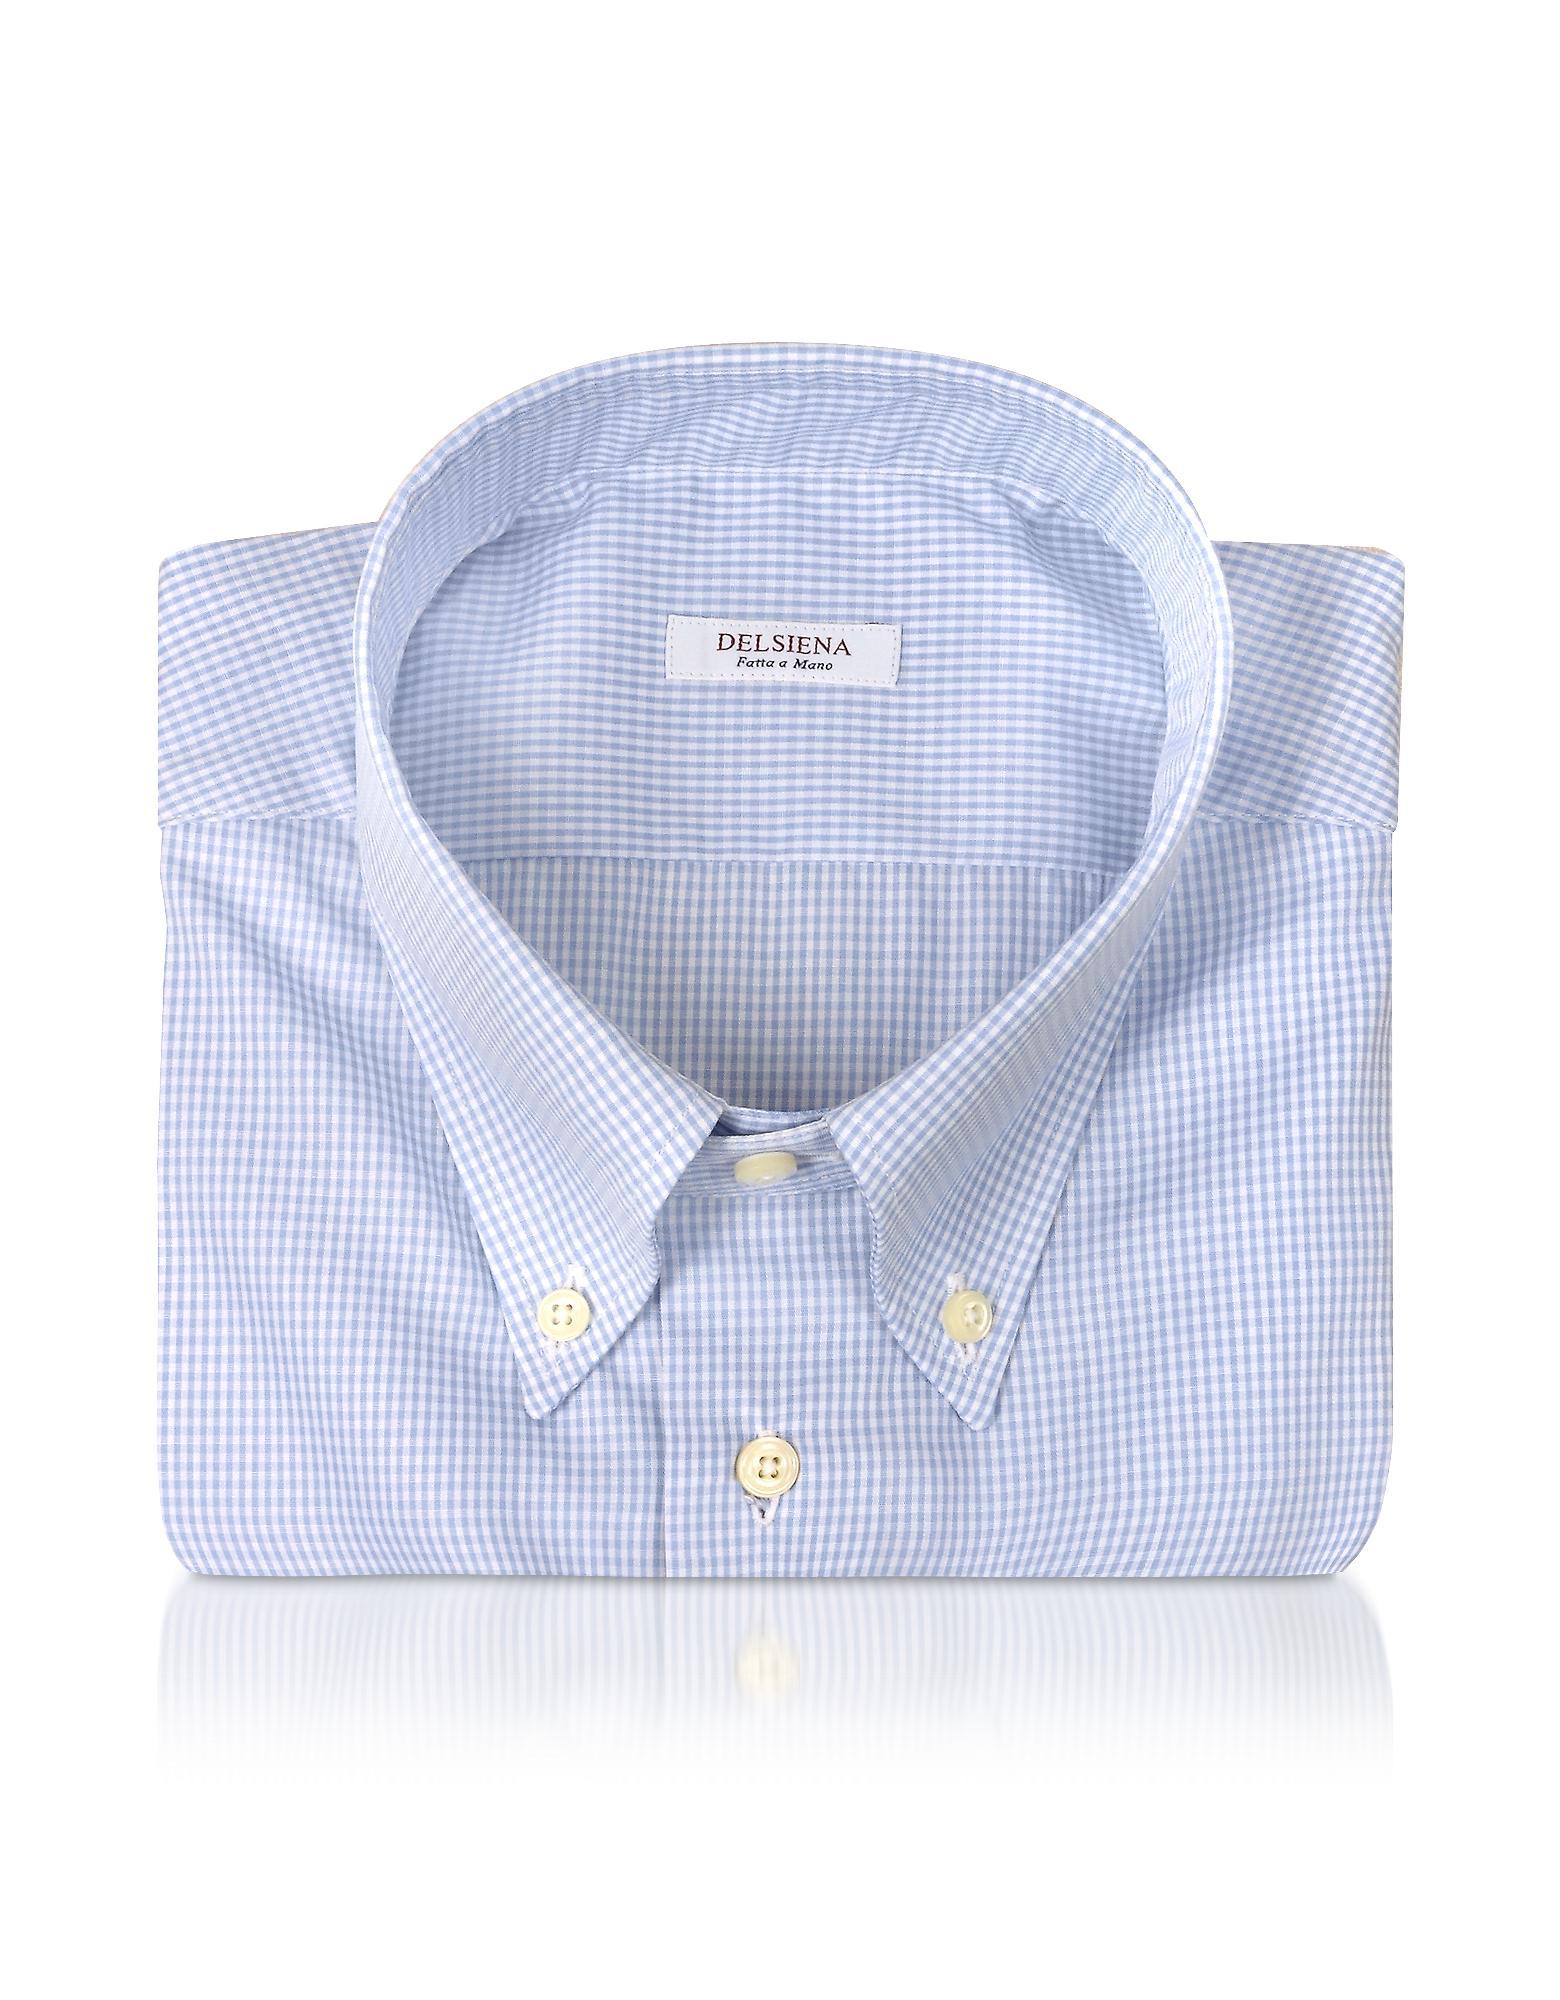 Del Siena Hemd mit blauen Karos